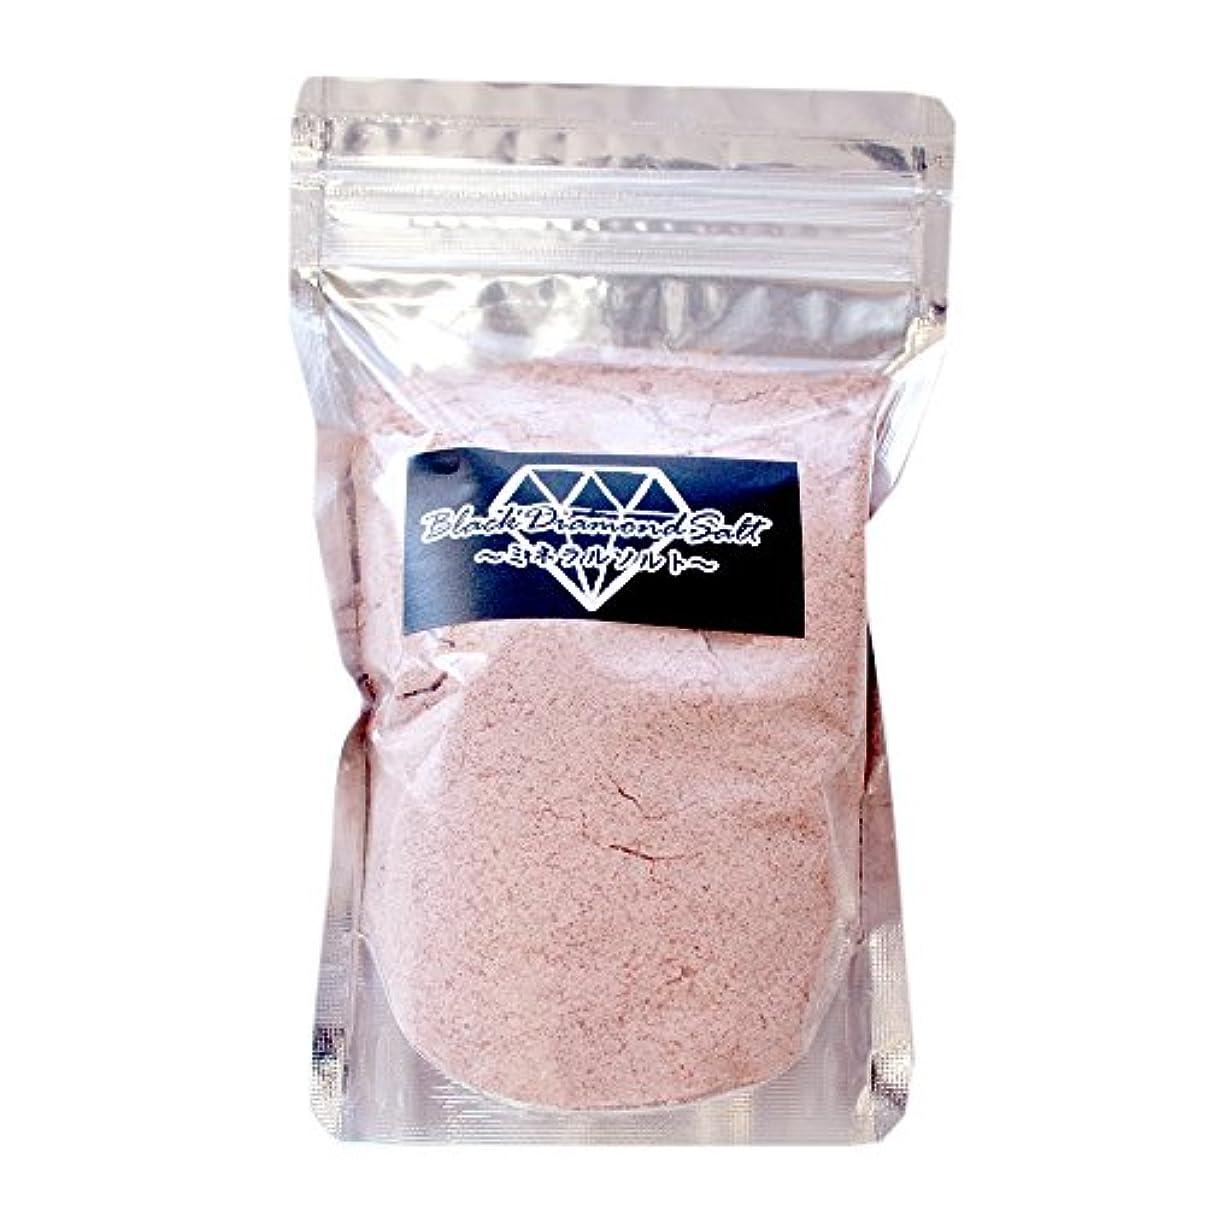 資産干渉する舌岩塩風呂 ブラックダイヤソルト岩塩400g(約13回分)